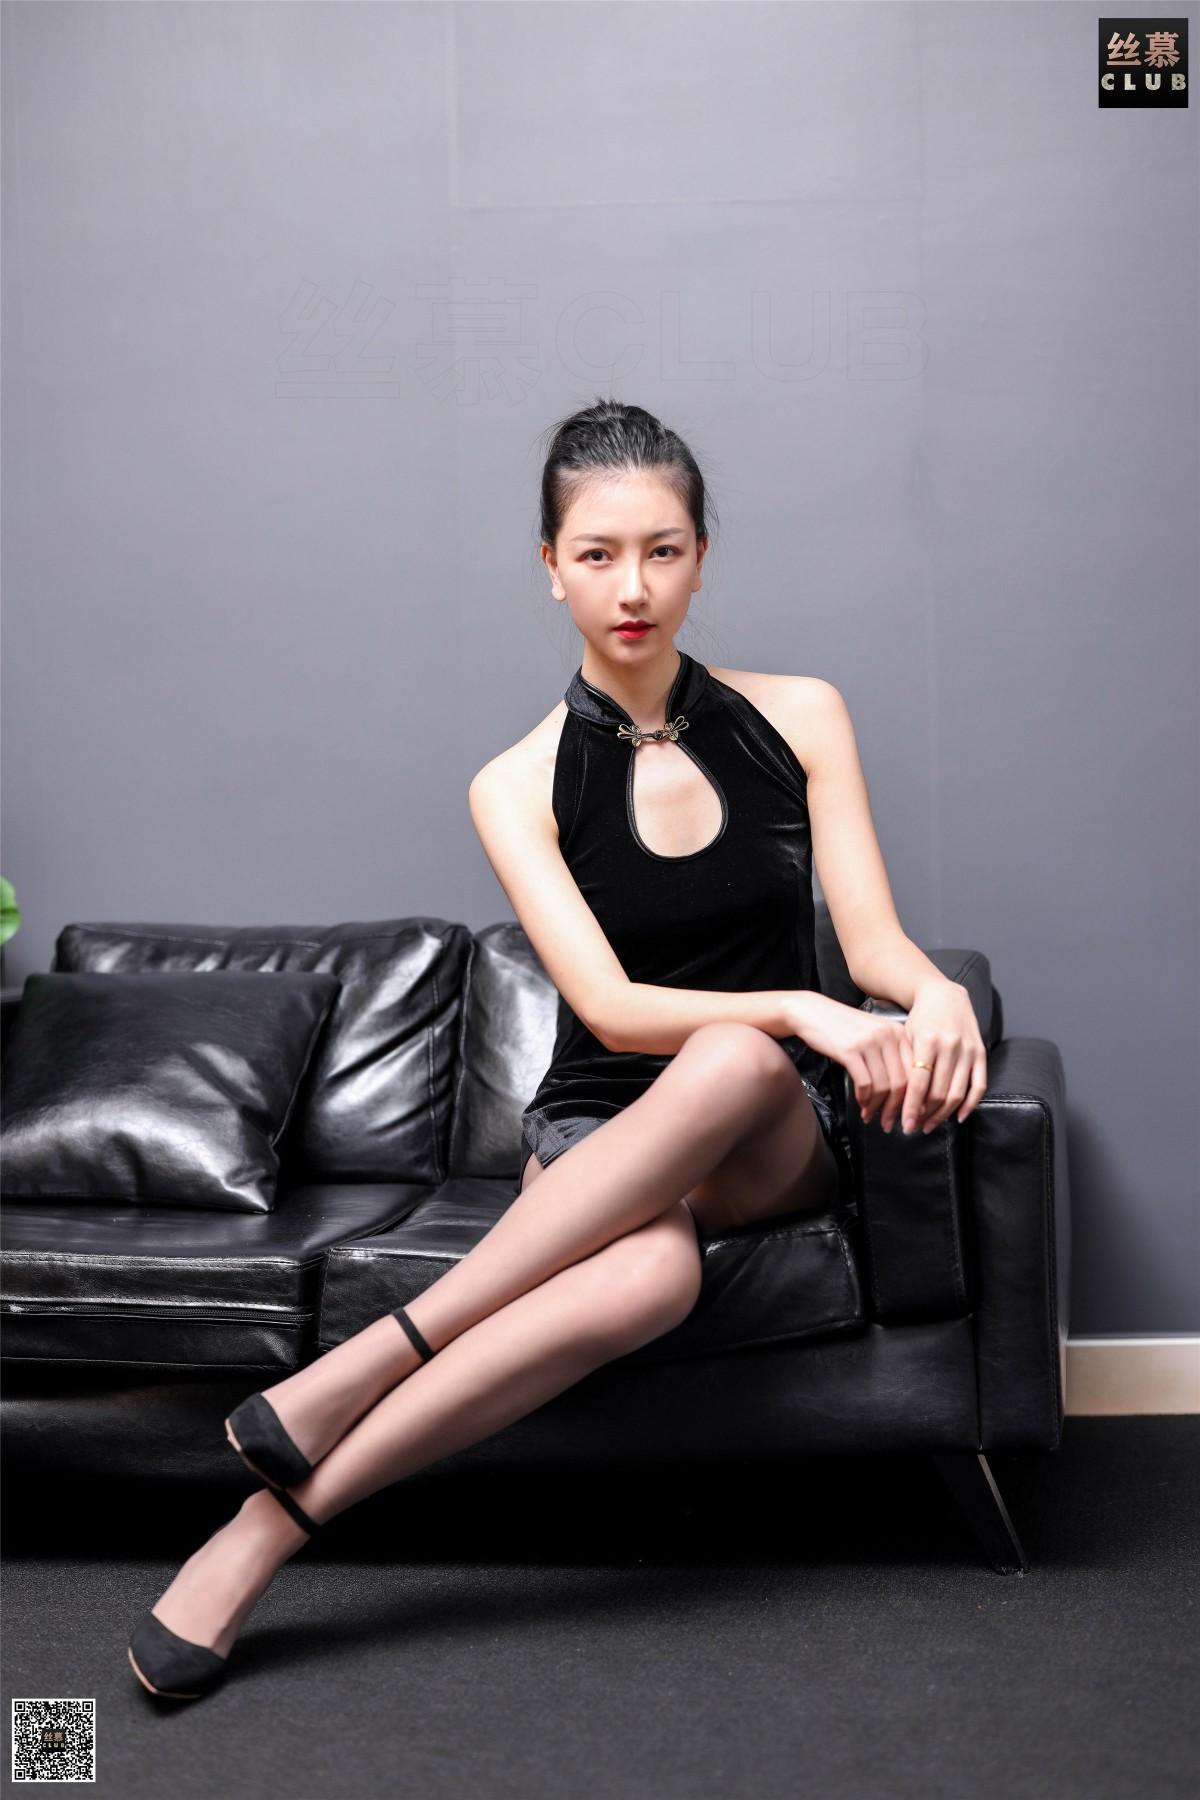 丝慕写真 SM183 茗茗 – 旗丝欲袍 第3张